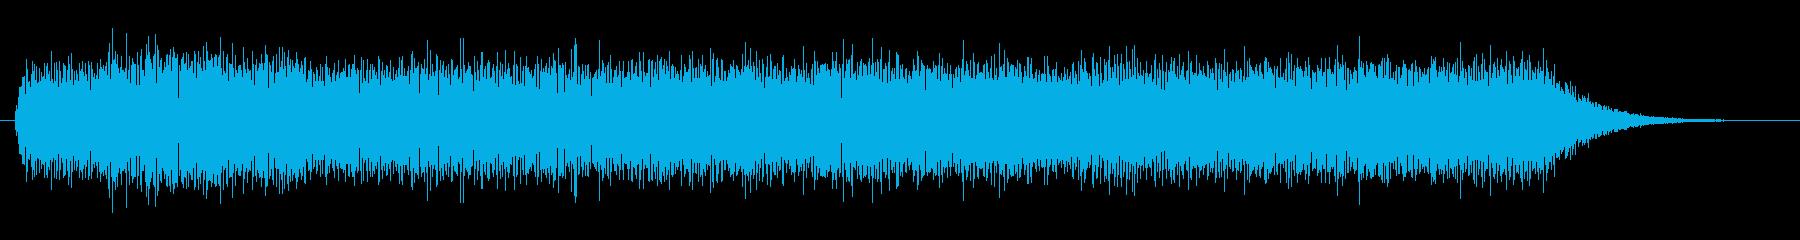 FI デバイス バズ・ソー・ロング02の再生済みの波形